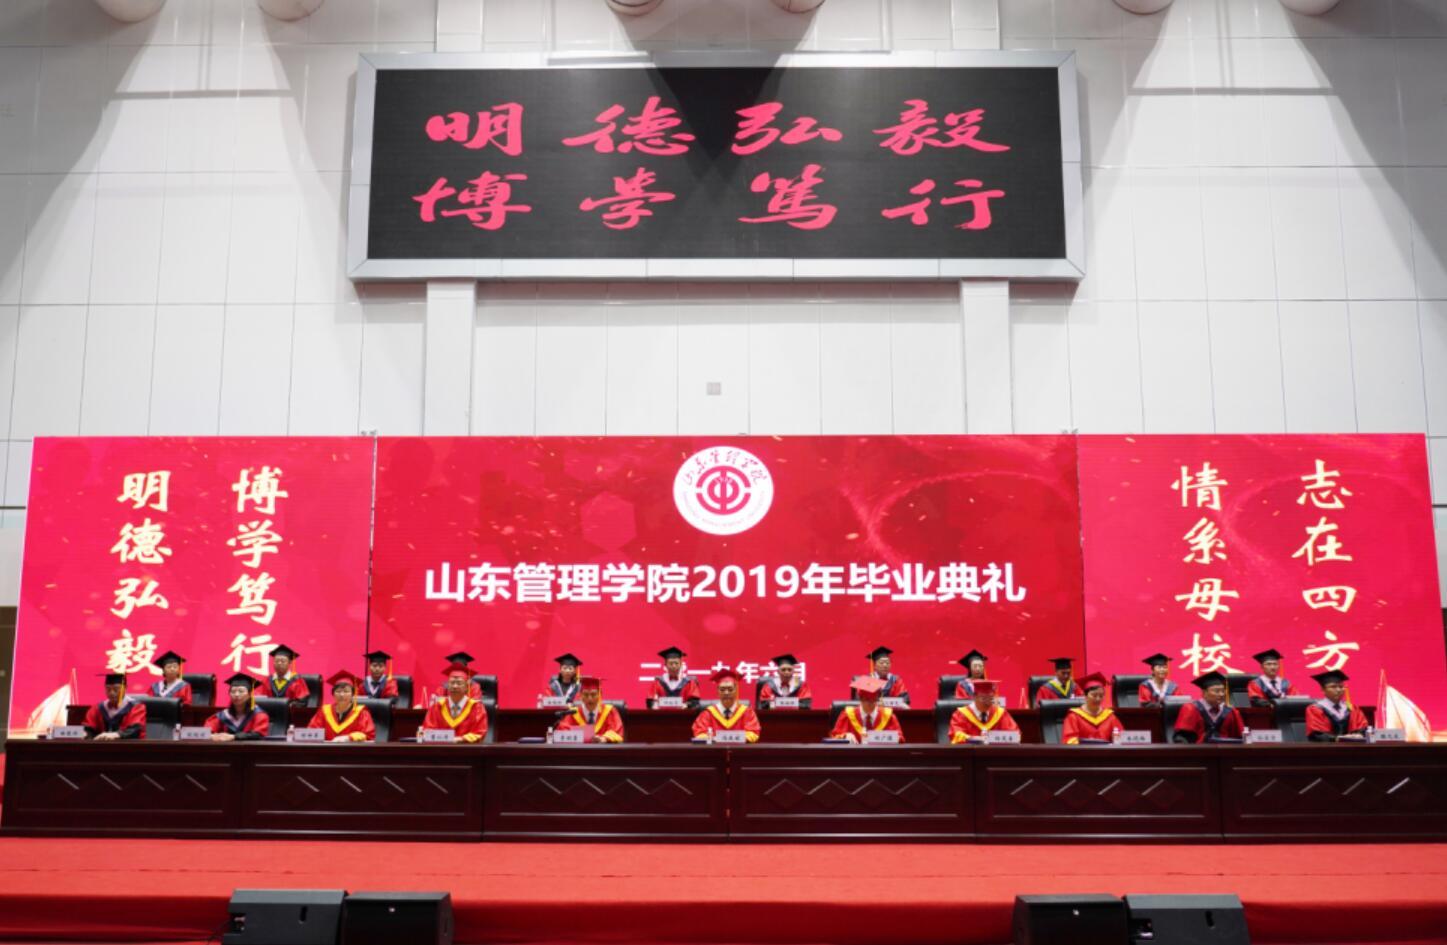 山东管理学院2019年毕业典礼暨学位授予仪式隆重举行